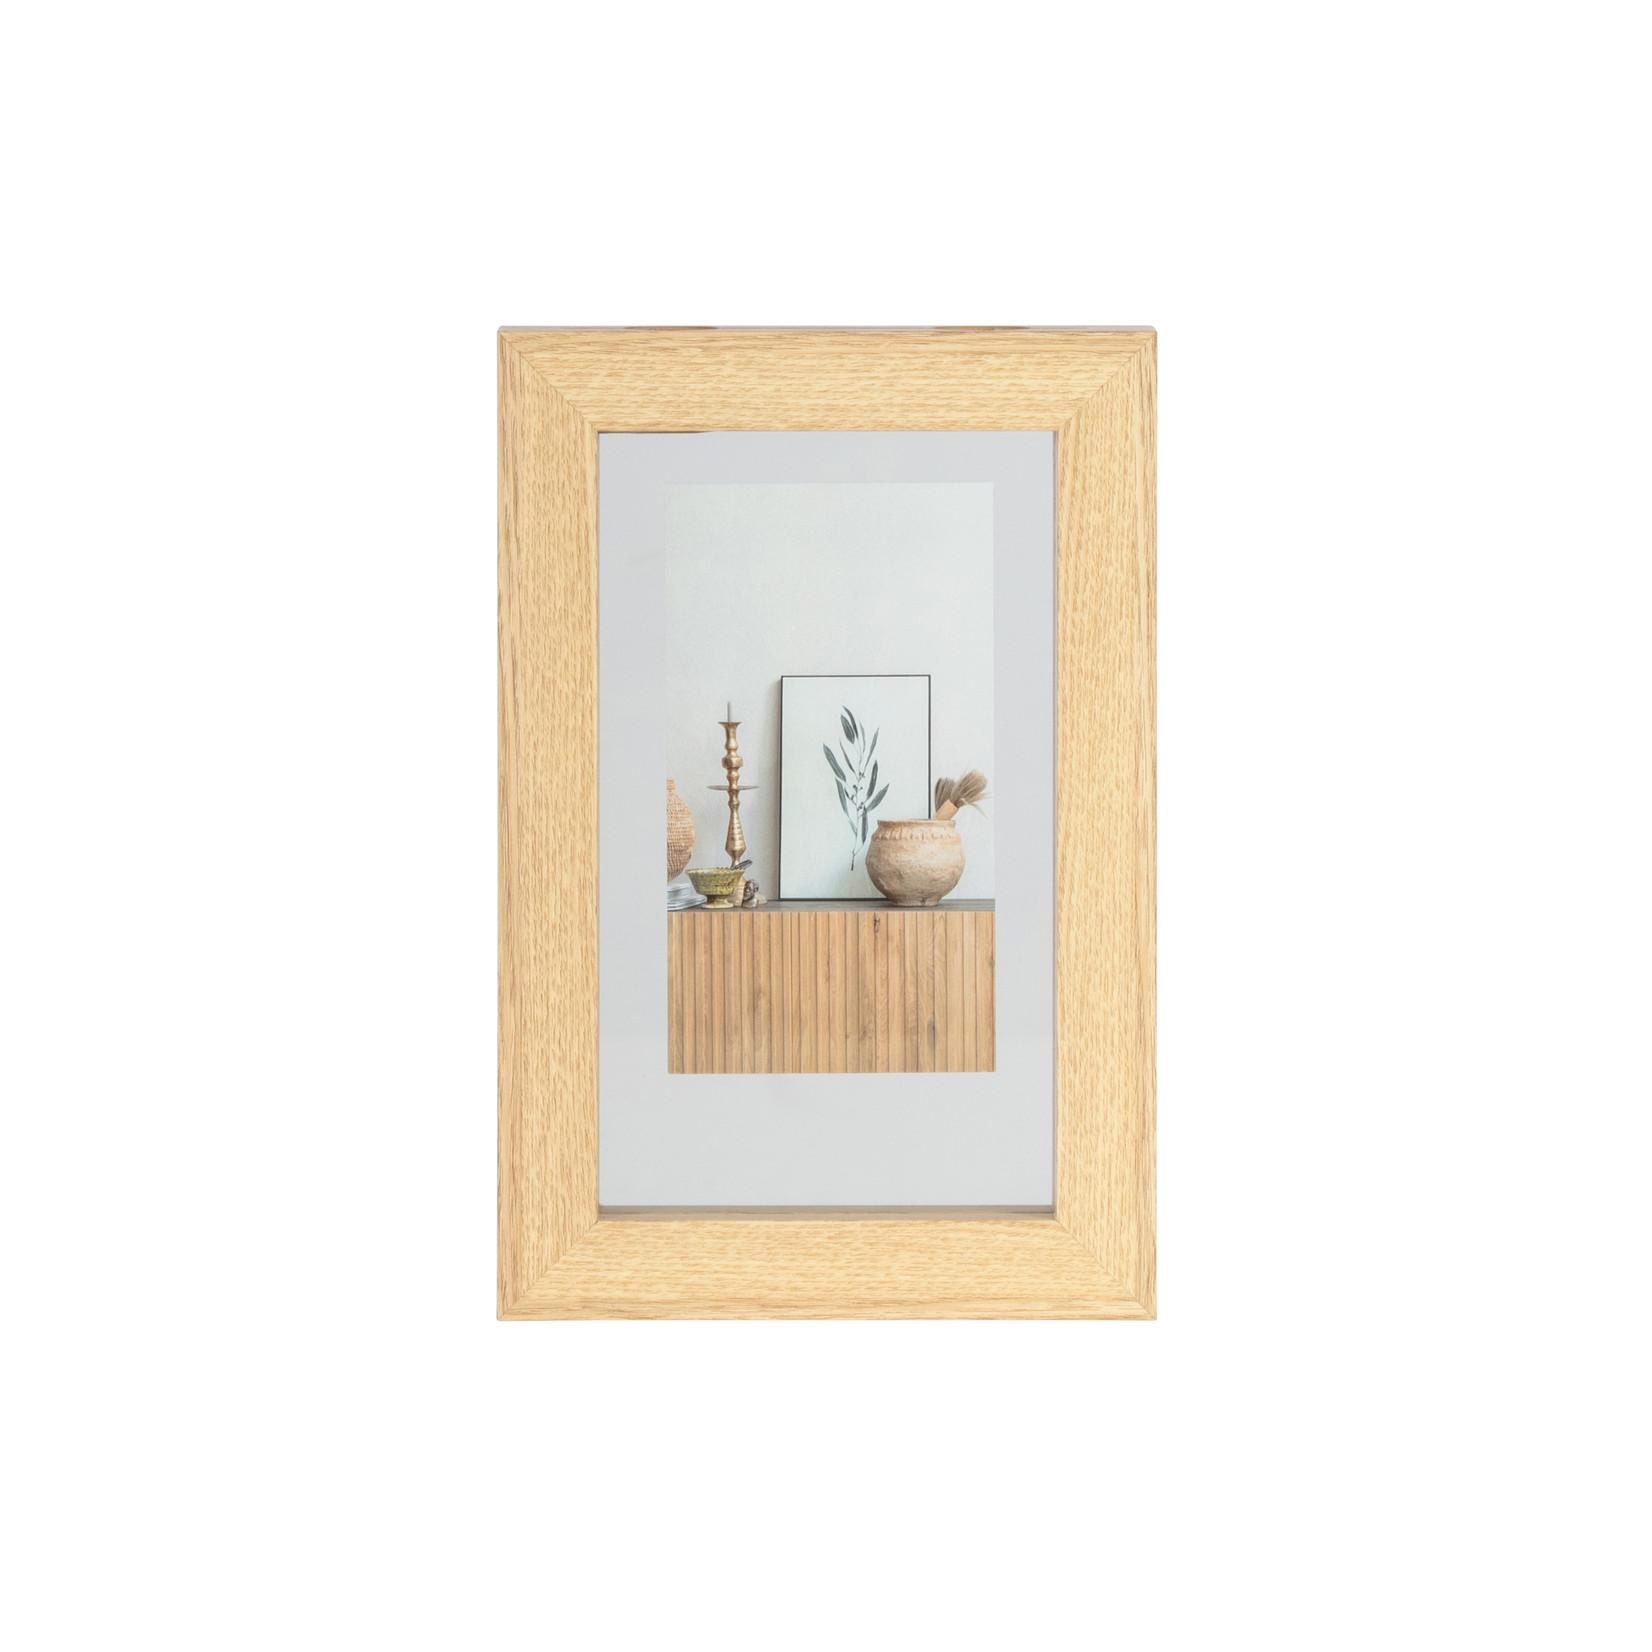 Woood Blake fotolijst met houten rand naturel 30x20